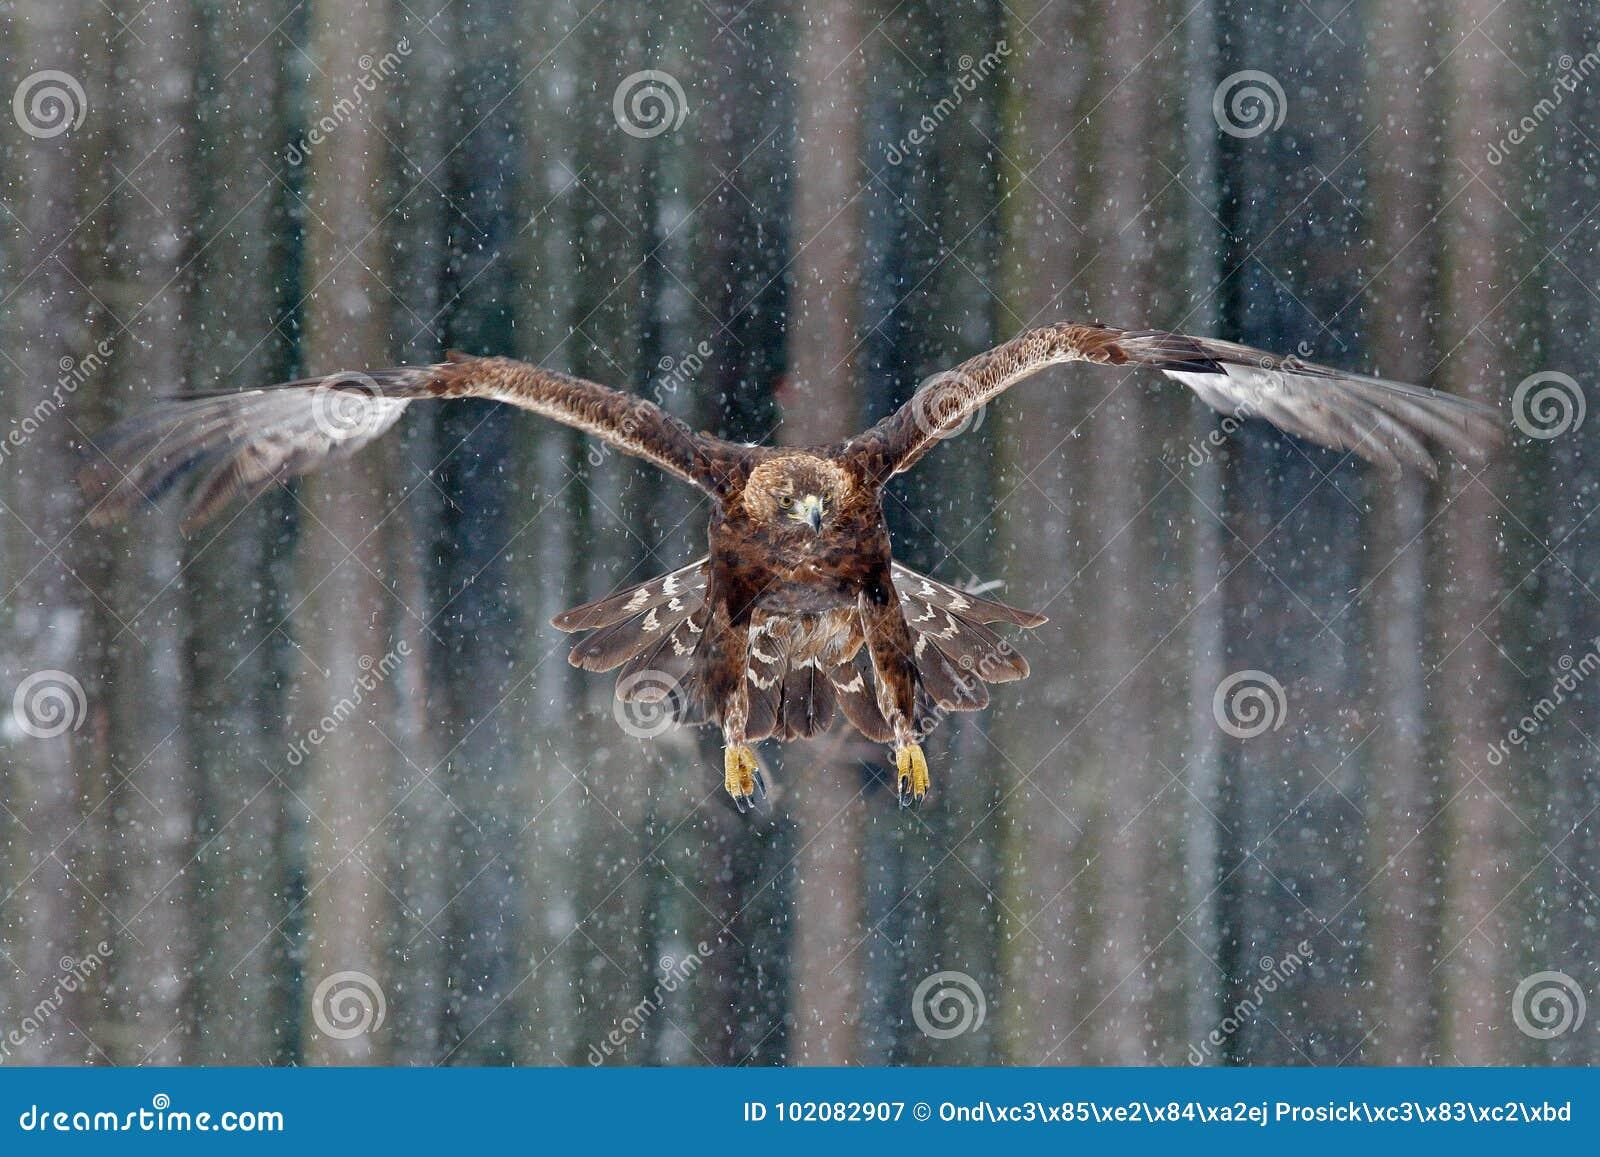 Pájaros de vuelo del águila de oro de la presa con la envergadura grande, foto con la escama durante invierno, bosque oscuro de l